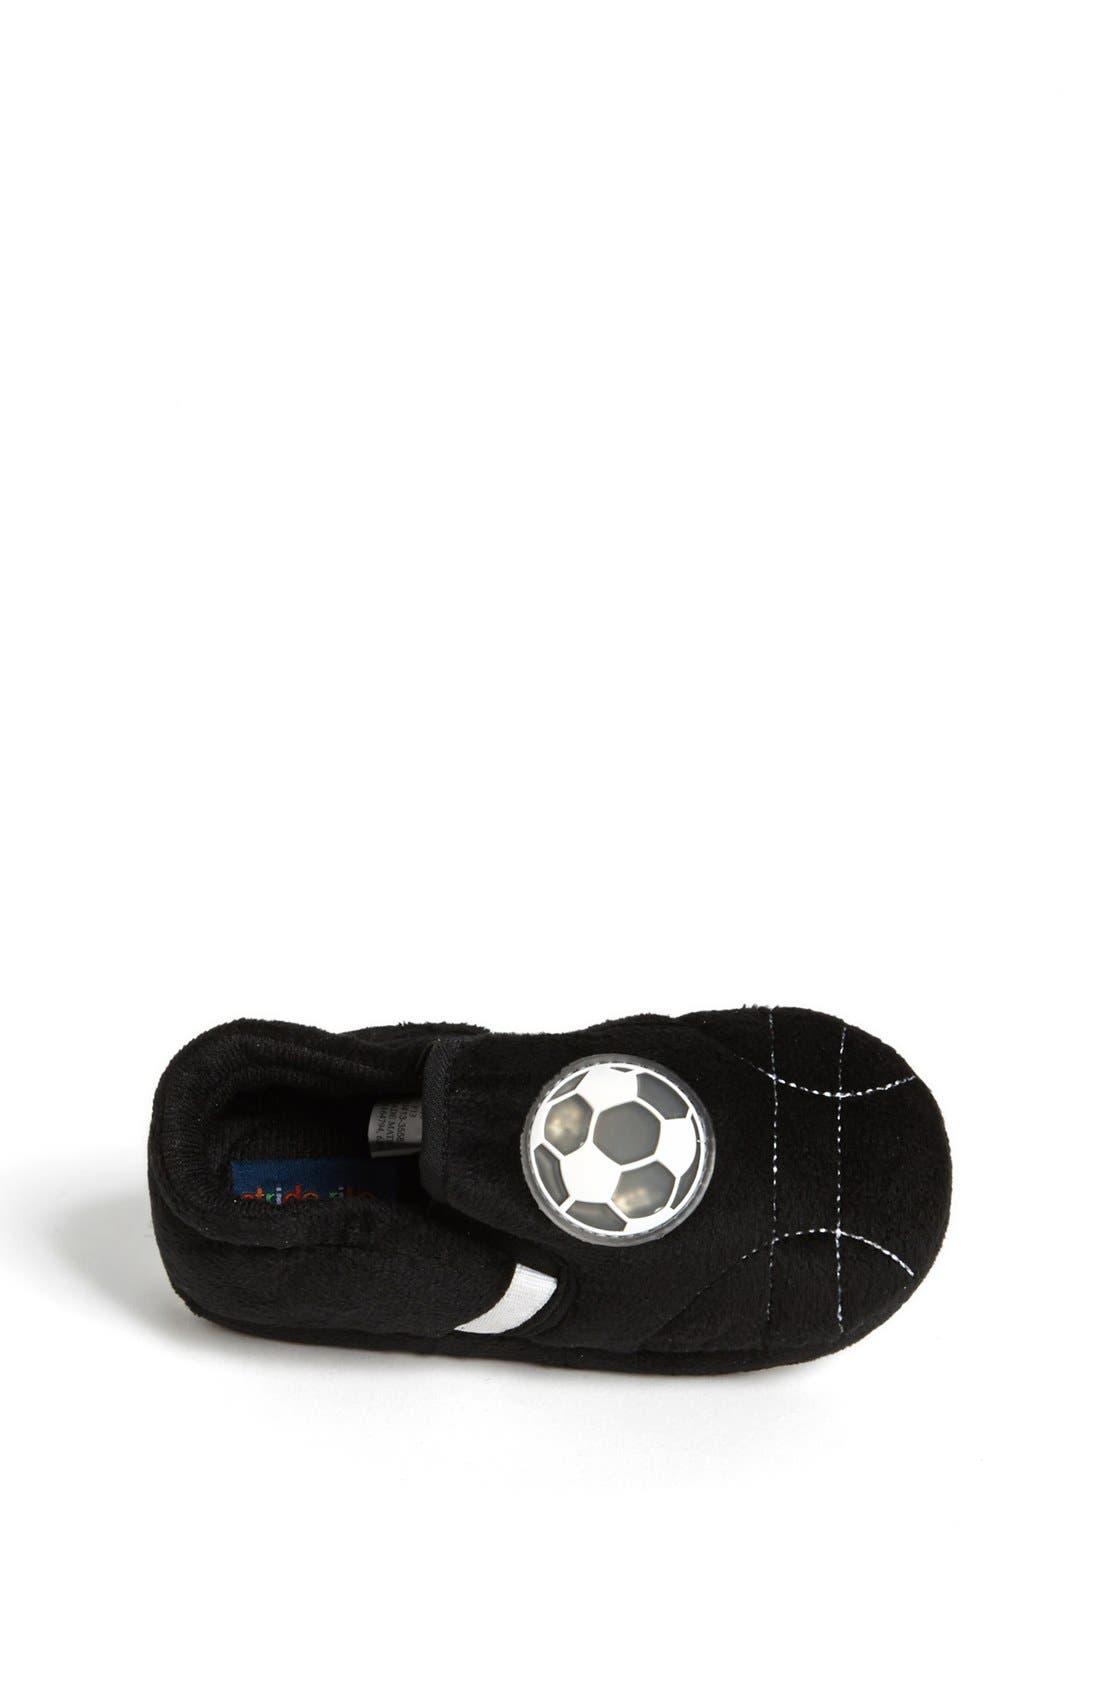 Light Up Soccer Ball Slippers,                             Alternate thumbnail 3, color,                             001